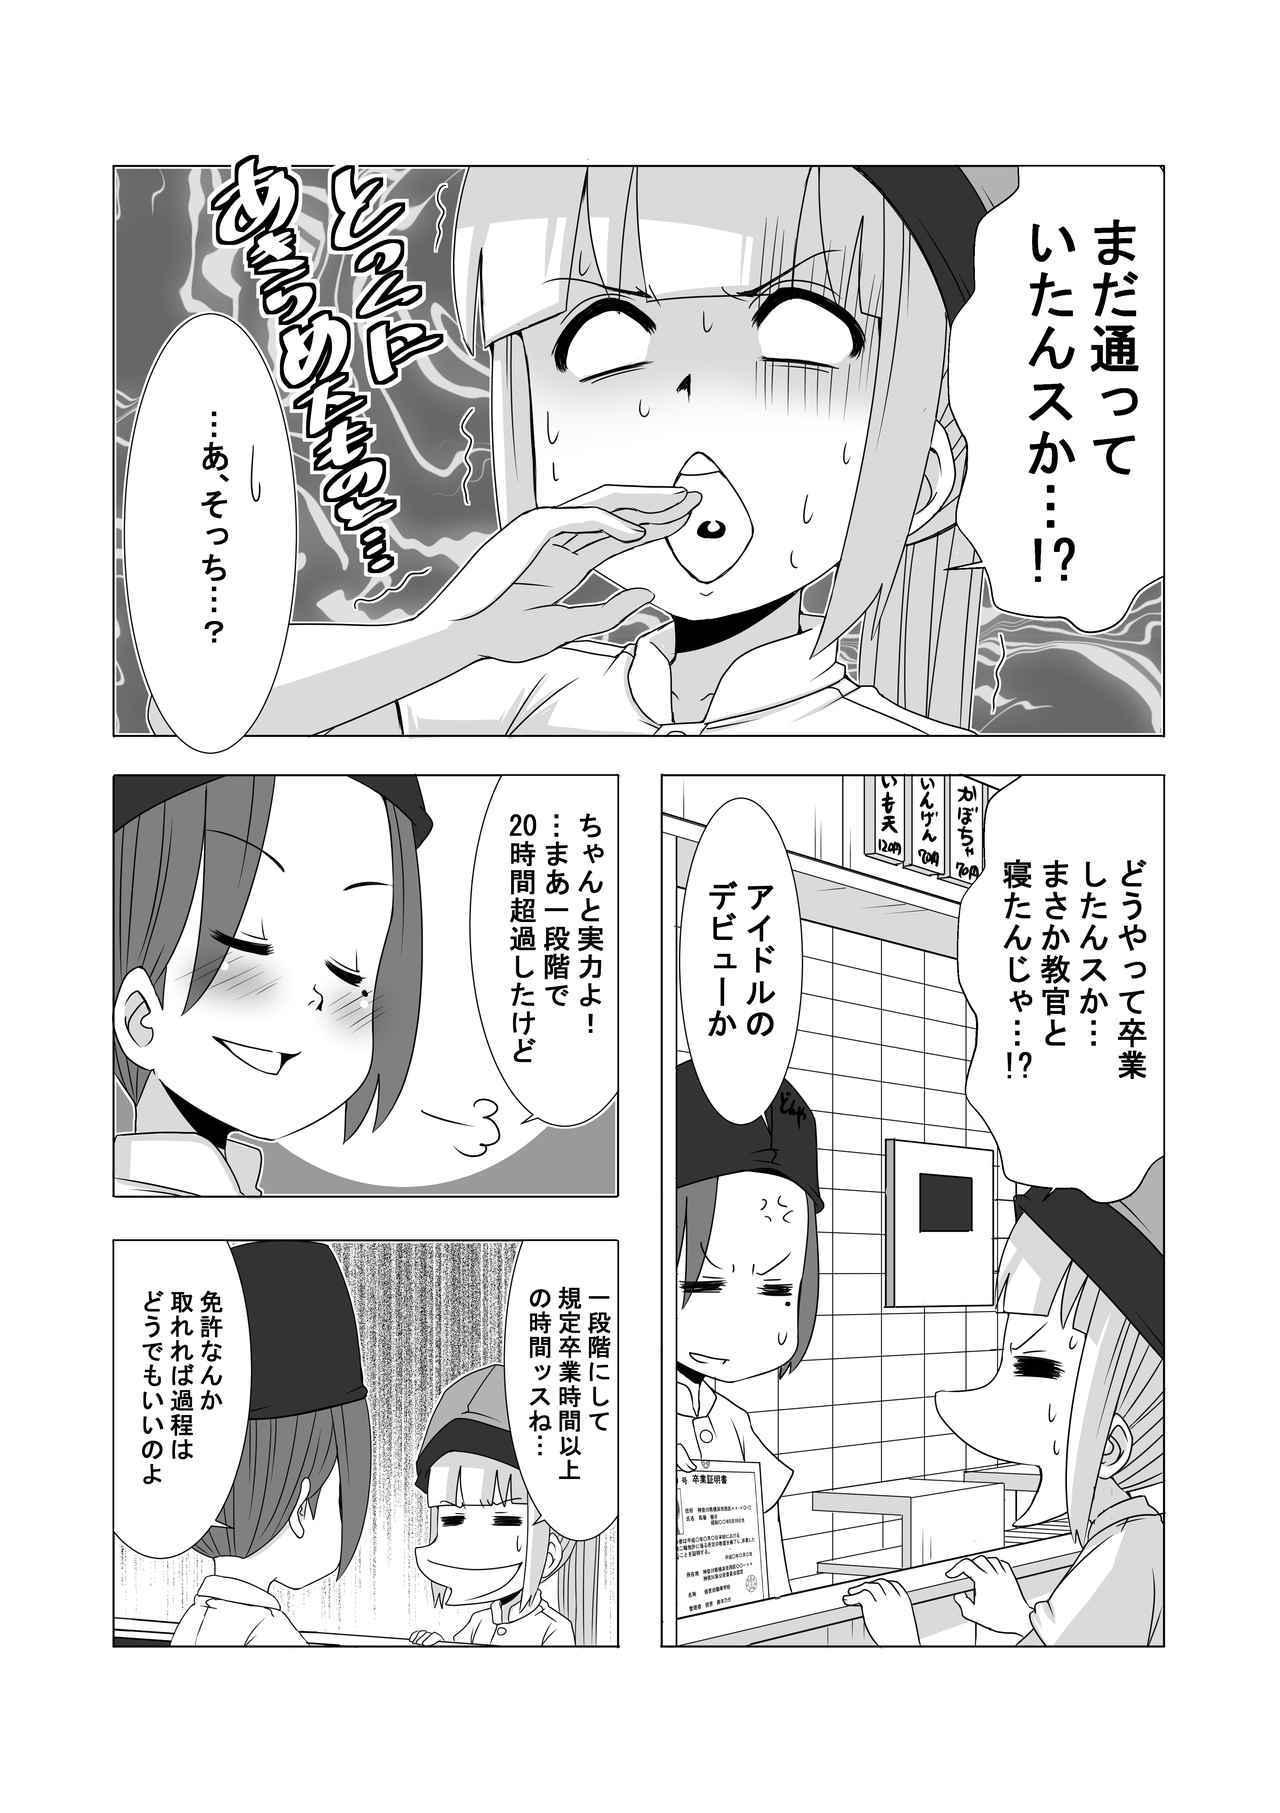 画像2: 【連載】馬場郁子がこよなくバイクを愛す理由(第十一話:過信禁物なワケ)作:鈴木秀吉